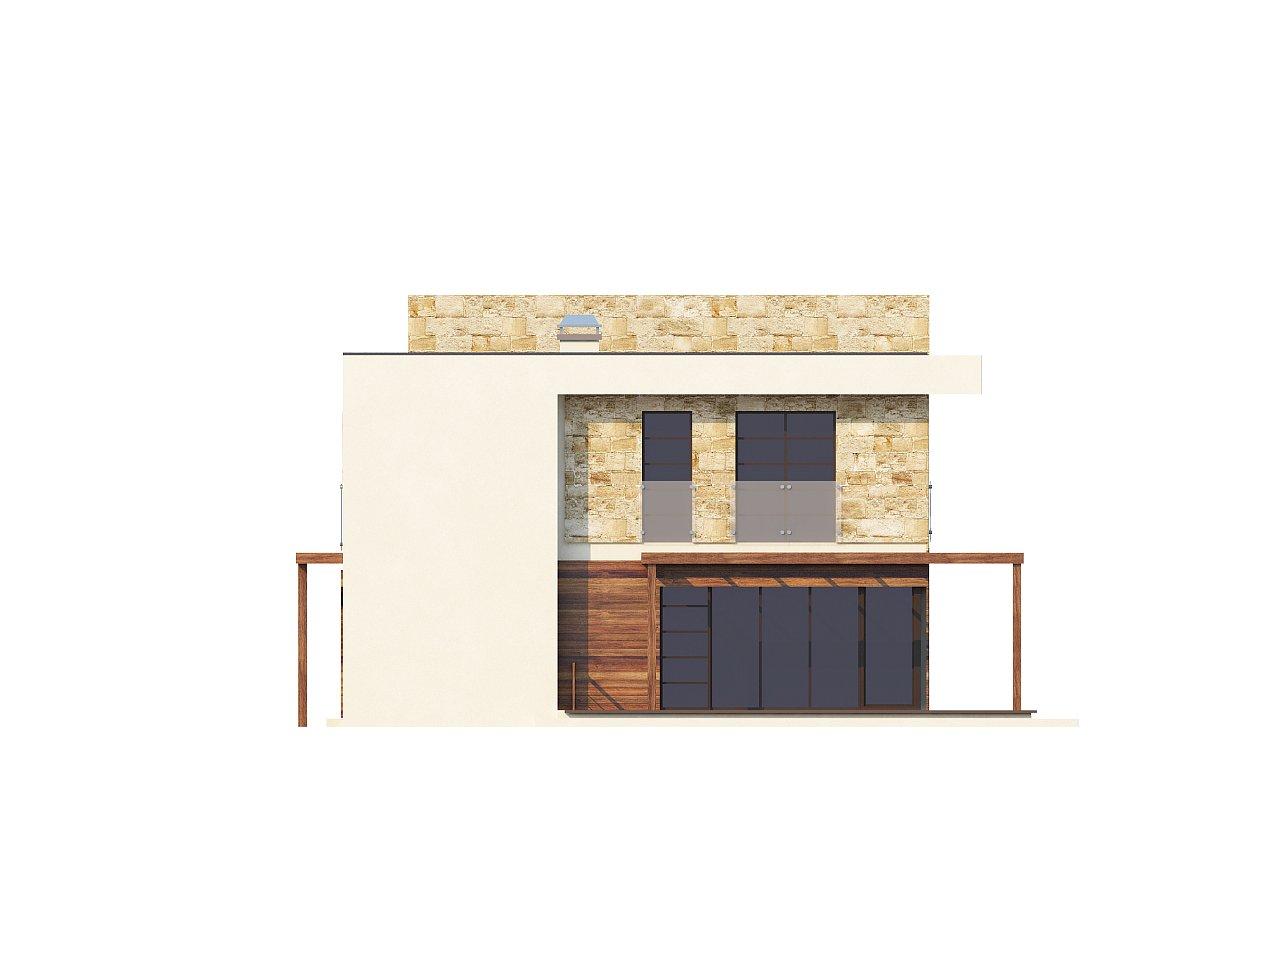 Двухэтажный дома в стиле модерн с практичным интерьером и гаражом для двух автомобилей. 8